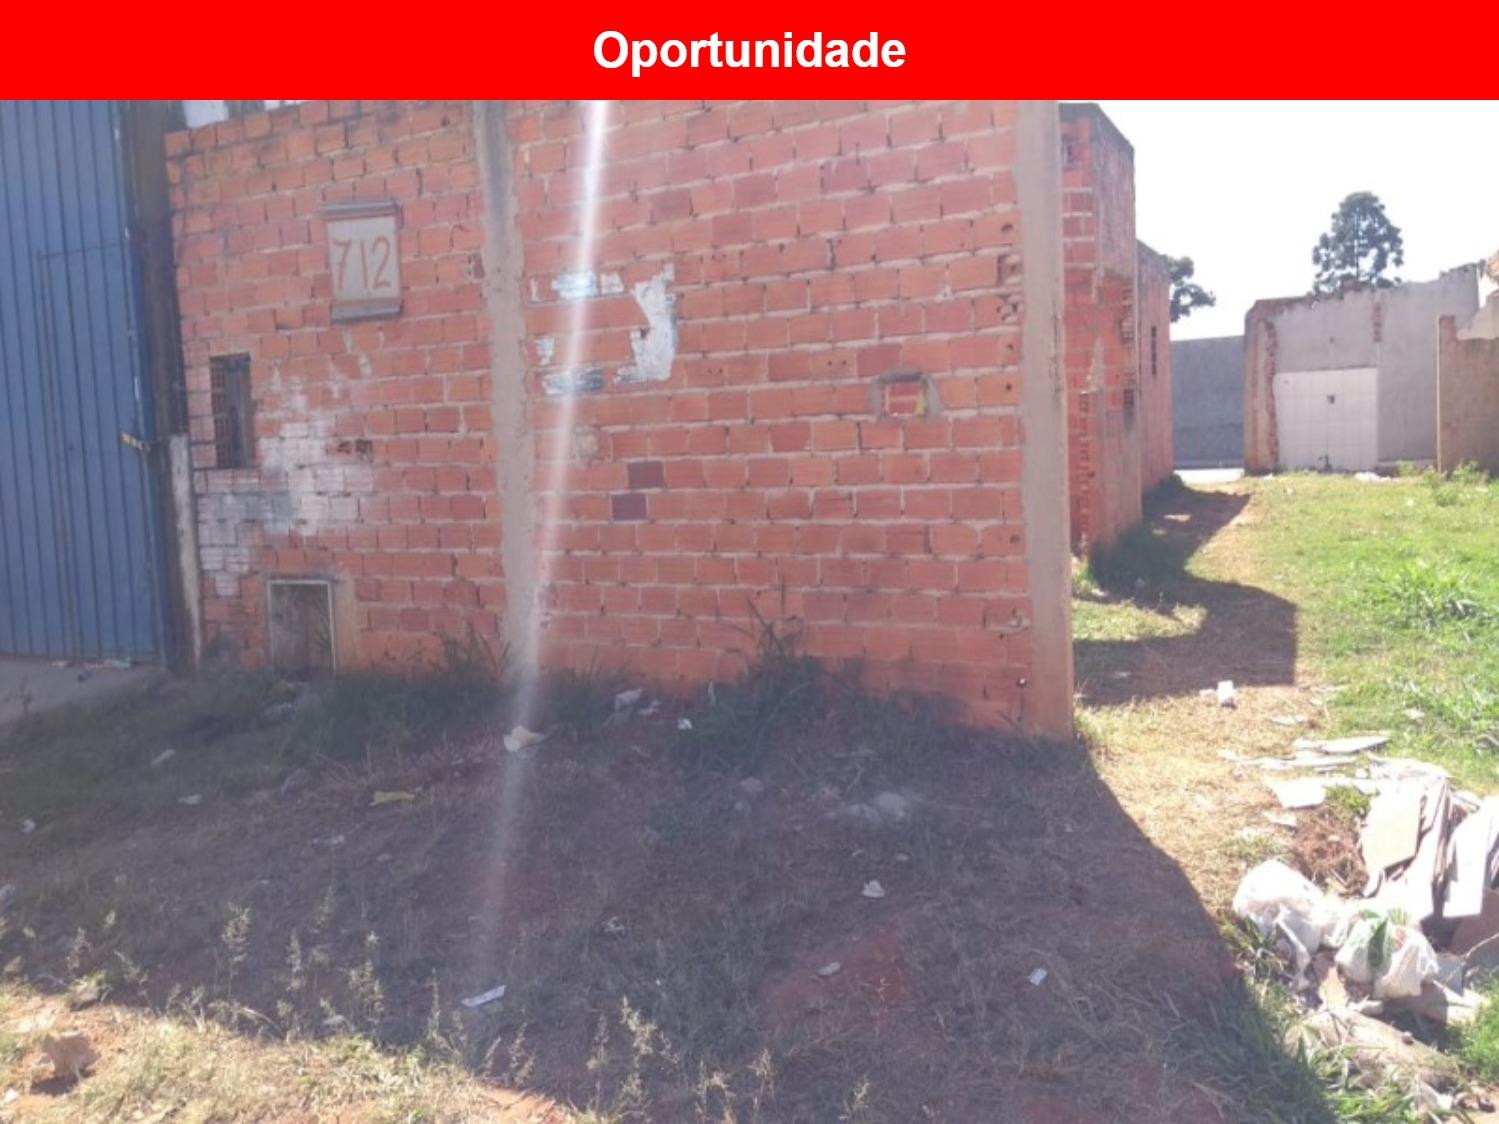 Terreno a venda no JARDIM BETÂNIA, Sorocaba - SP